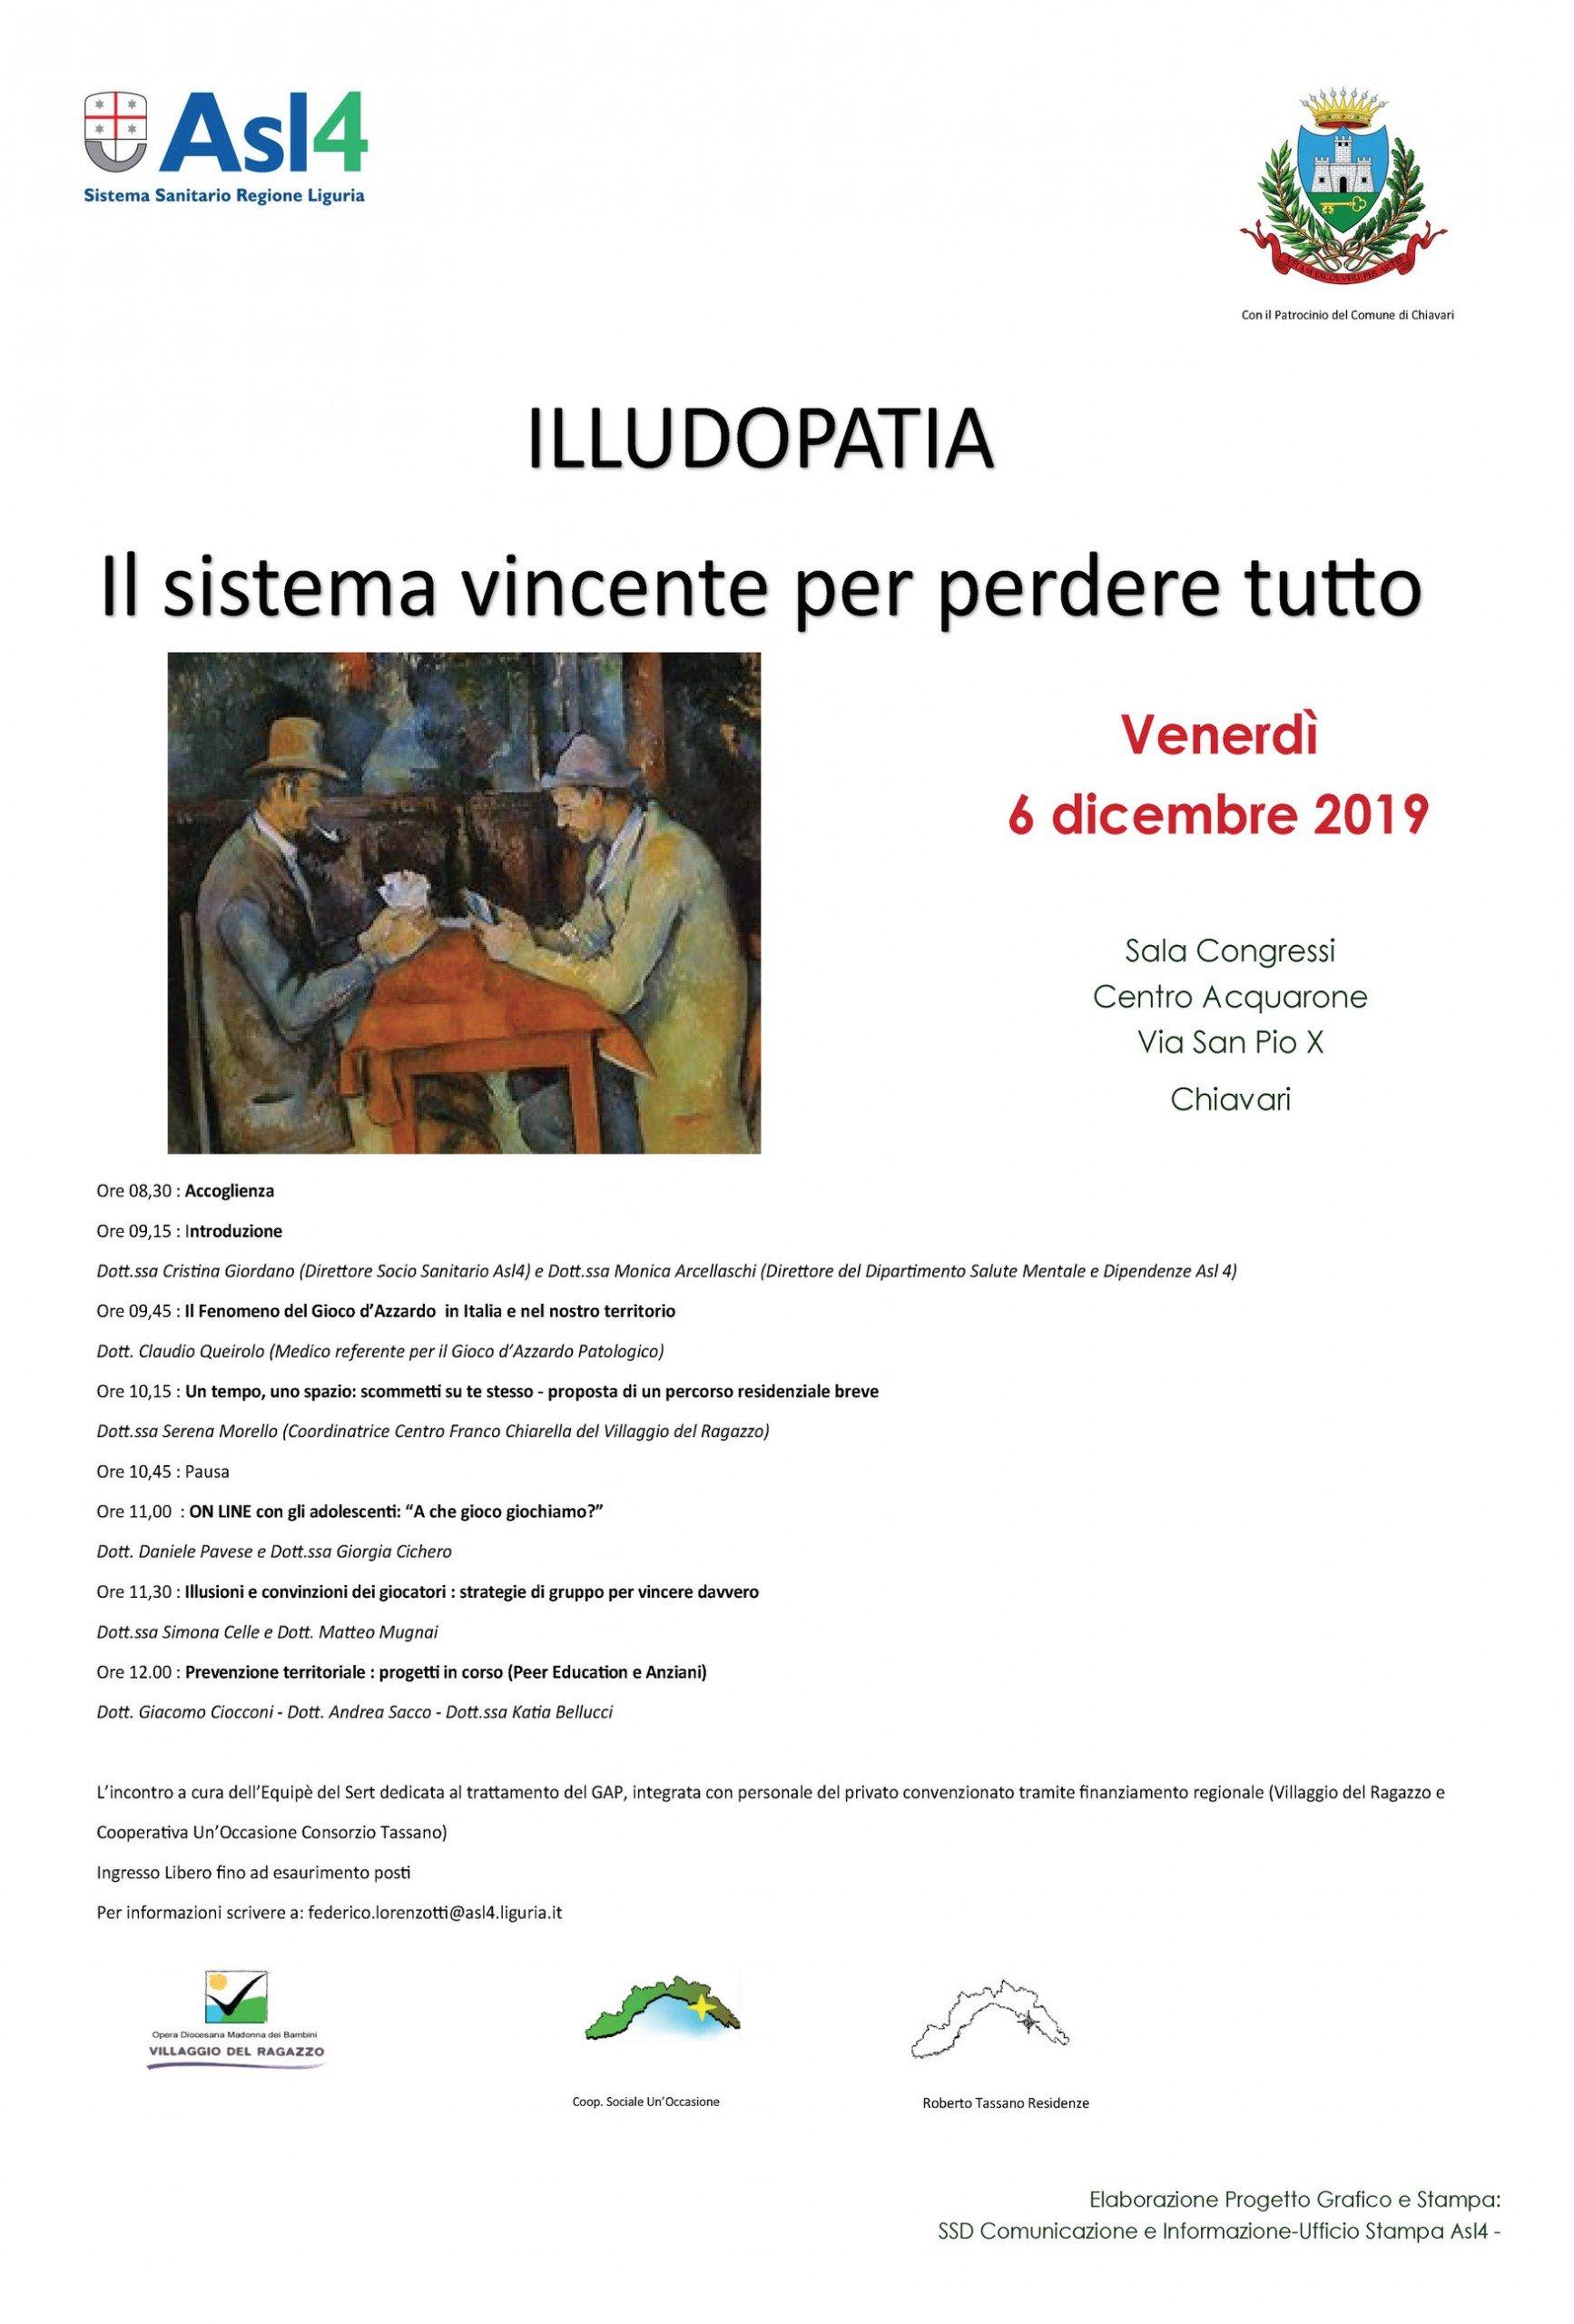 """Convegno """"Illudopatia: il sistema vincente per perdere tutto"""" venerdì 6 dicembre 2019 al Centro Acquarone"""